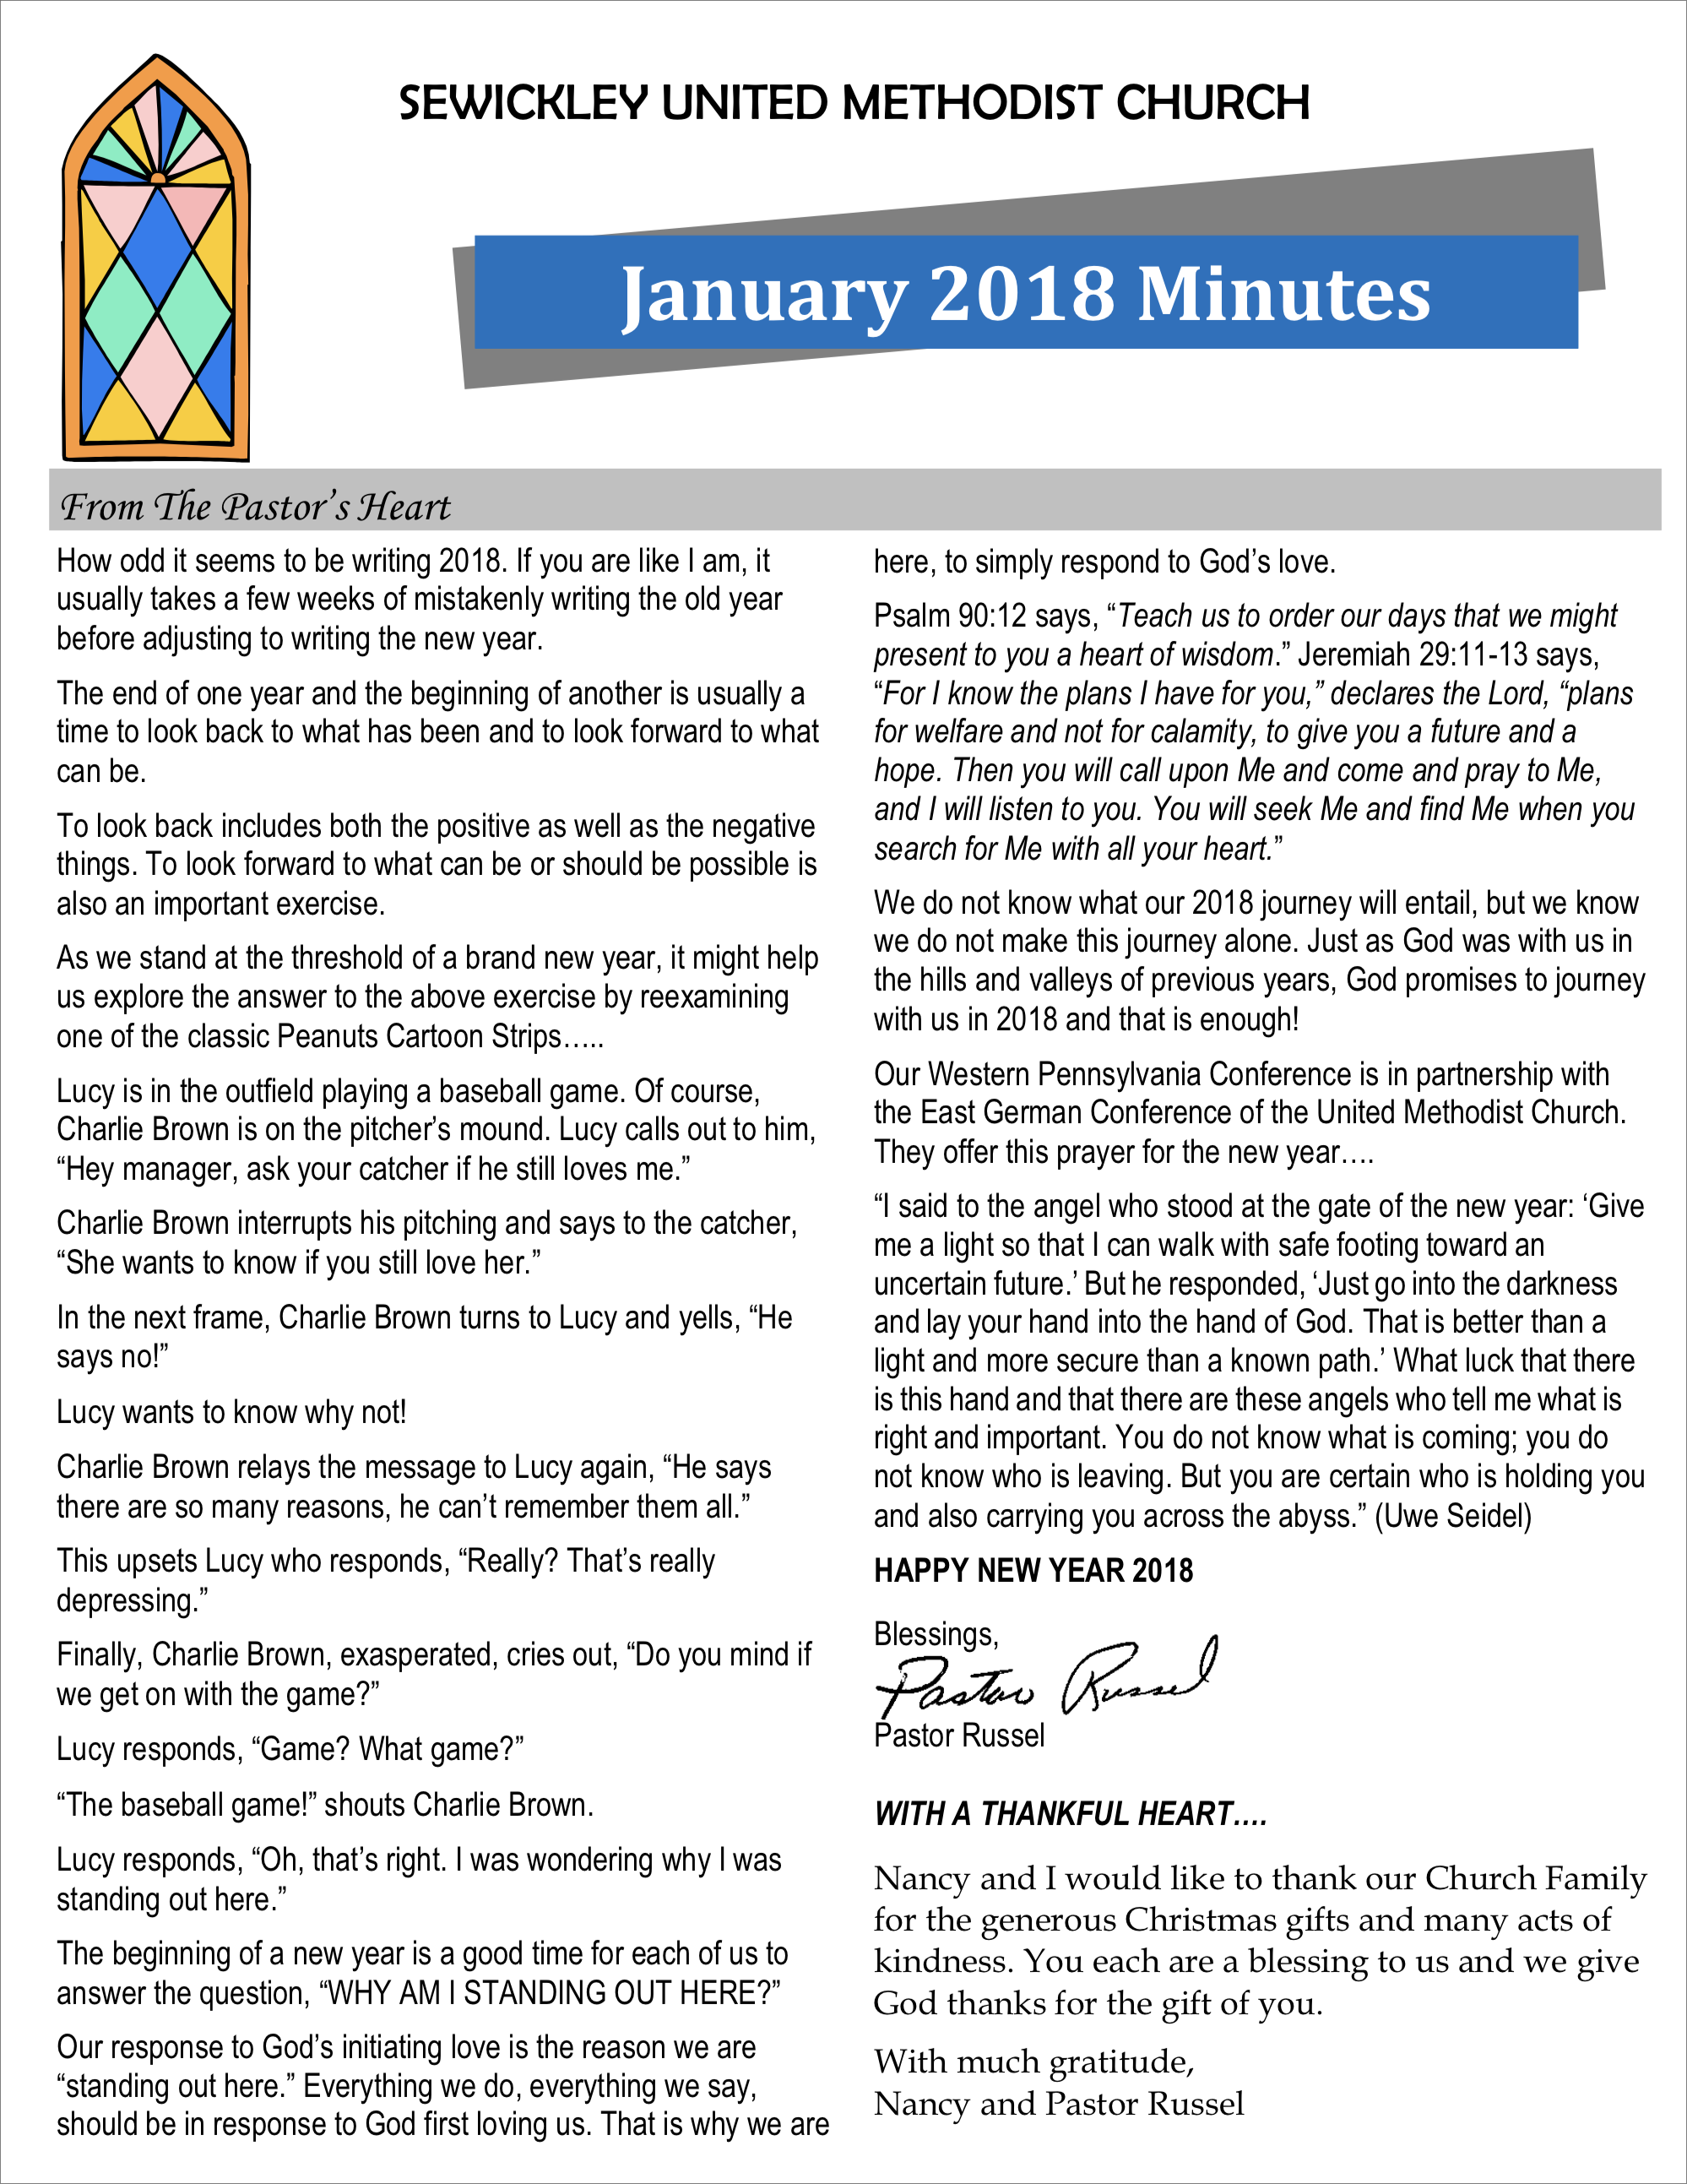 January 2018 Minutes Thumbnail.png